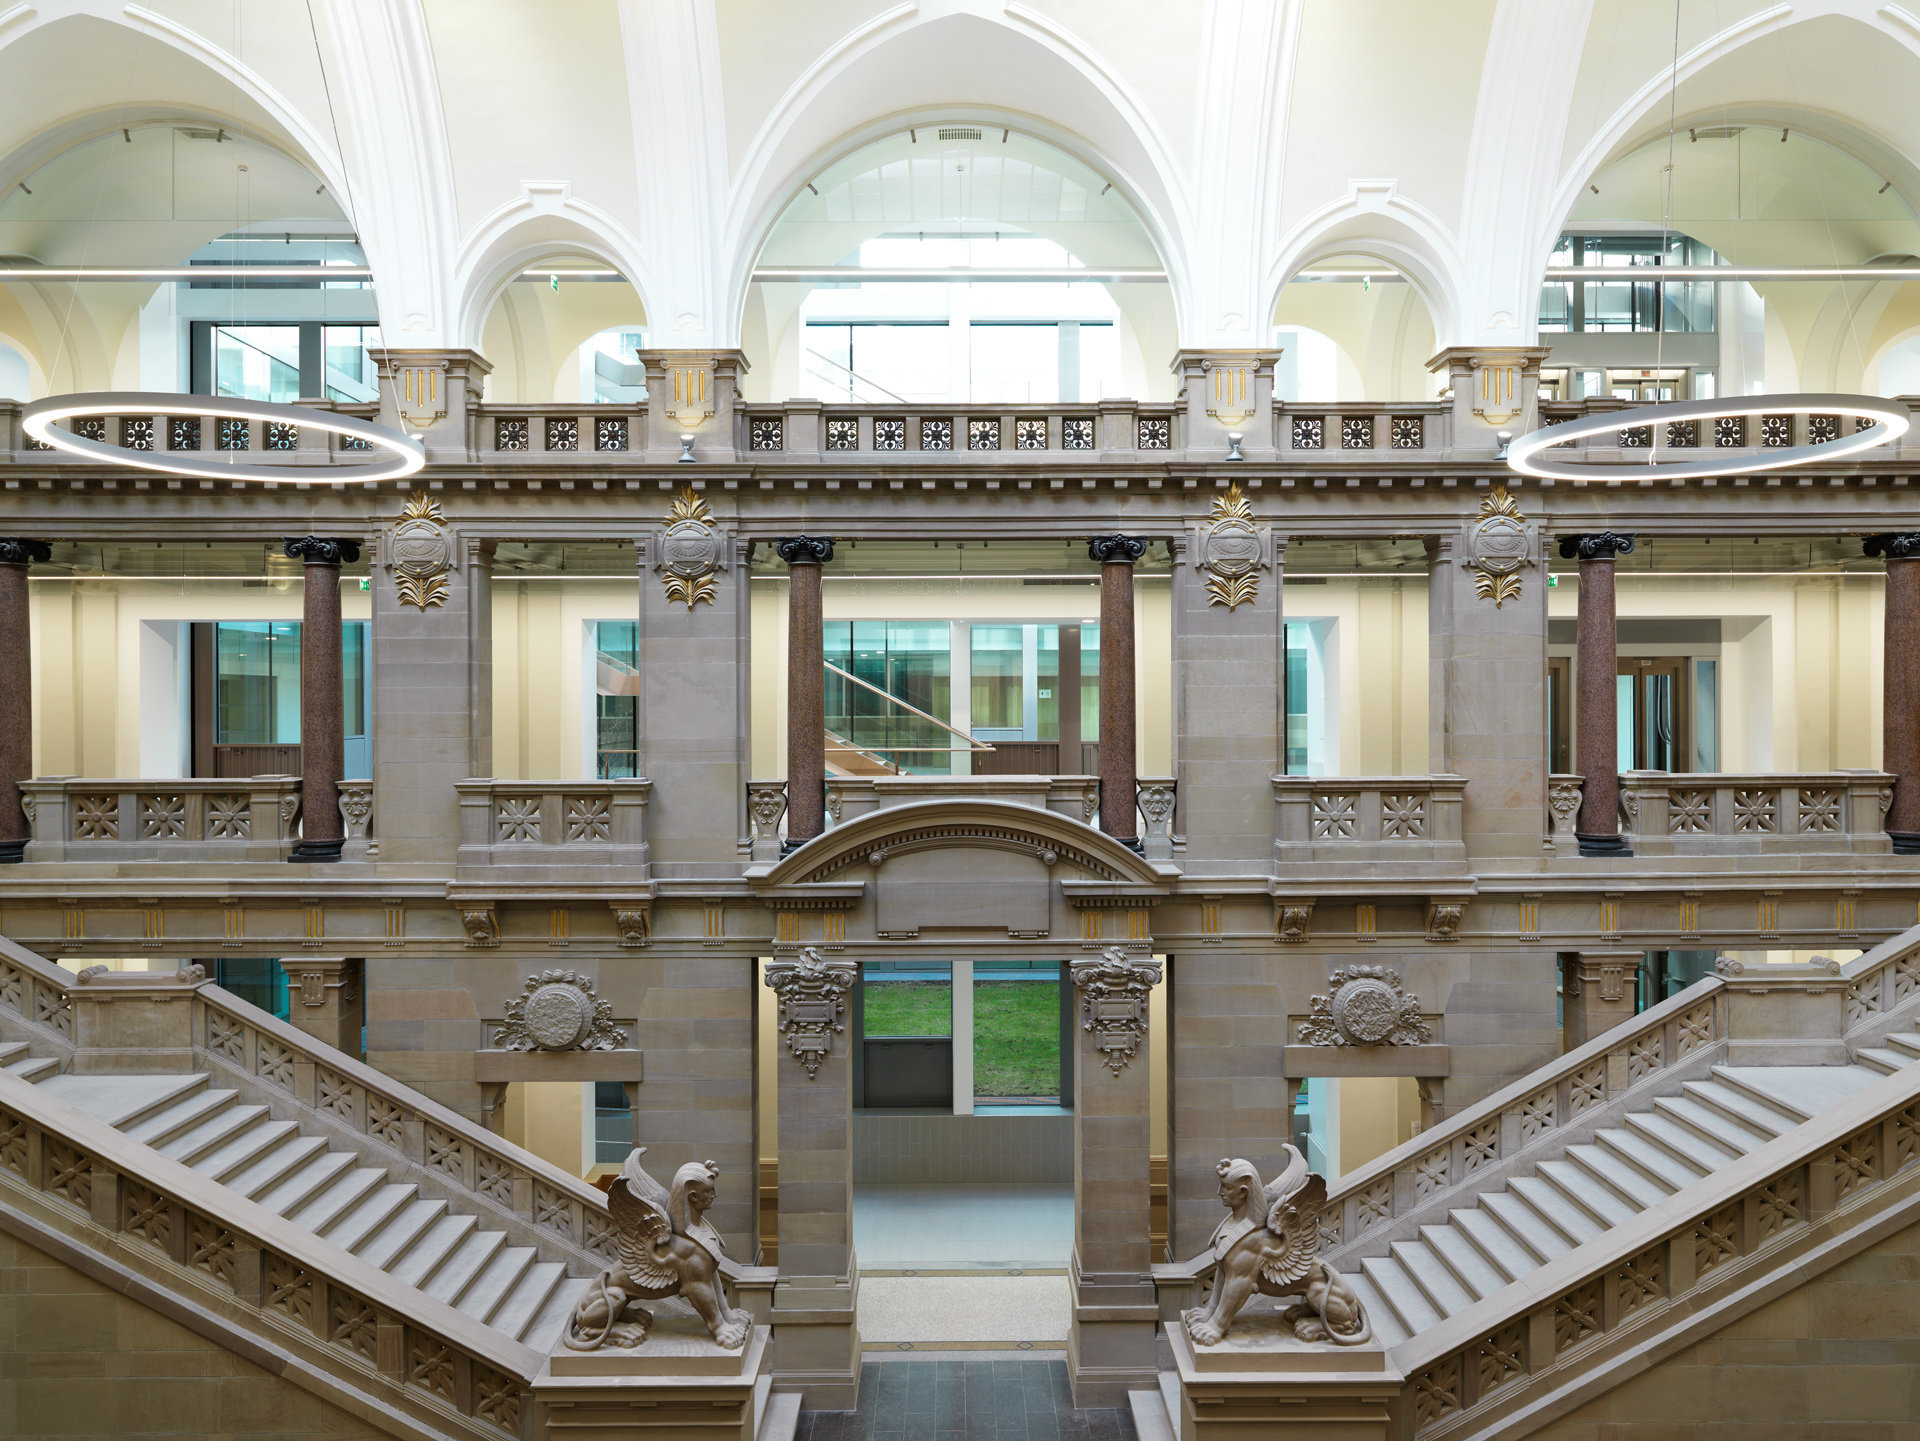 Palais de Justice de Strasbourg rénové. Architecte construction (1897): Skjöld Neckelmann / Architecte rénovation (2016): Jordi Garcés